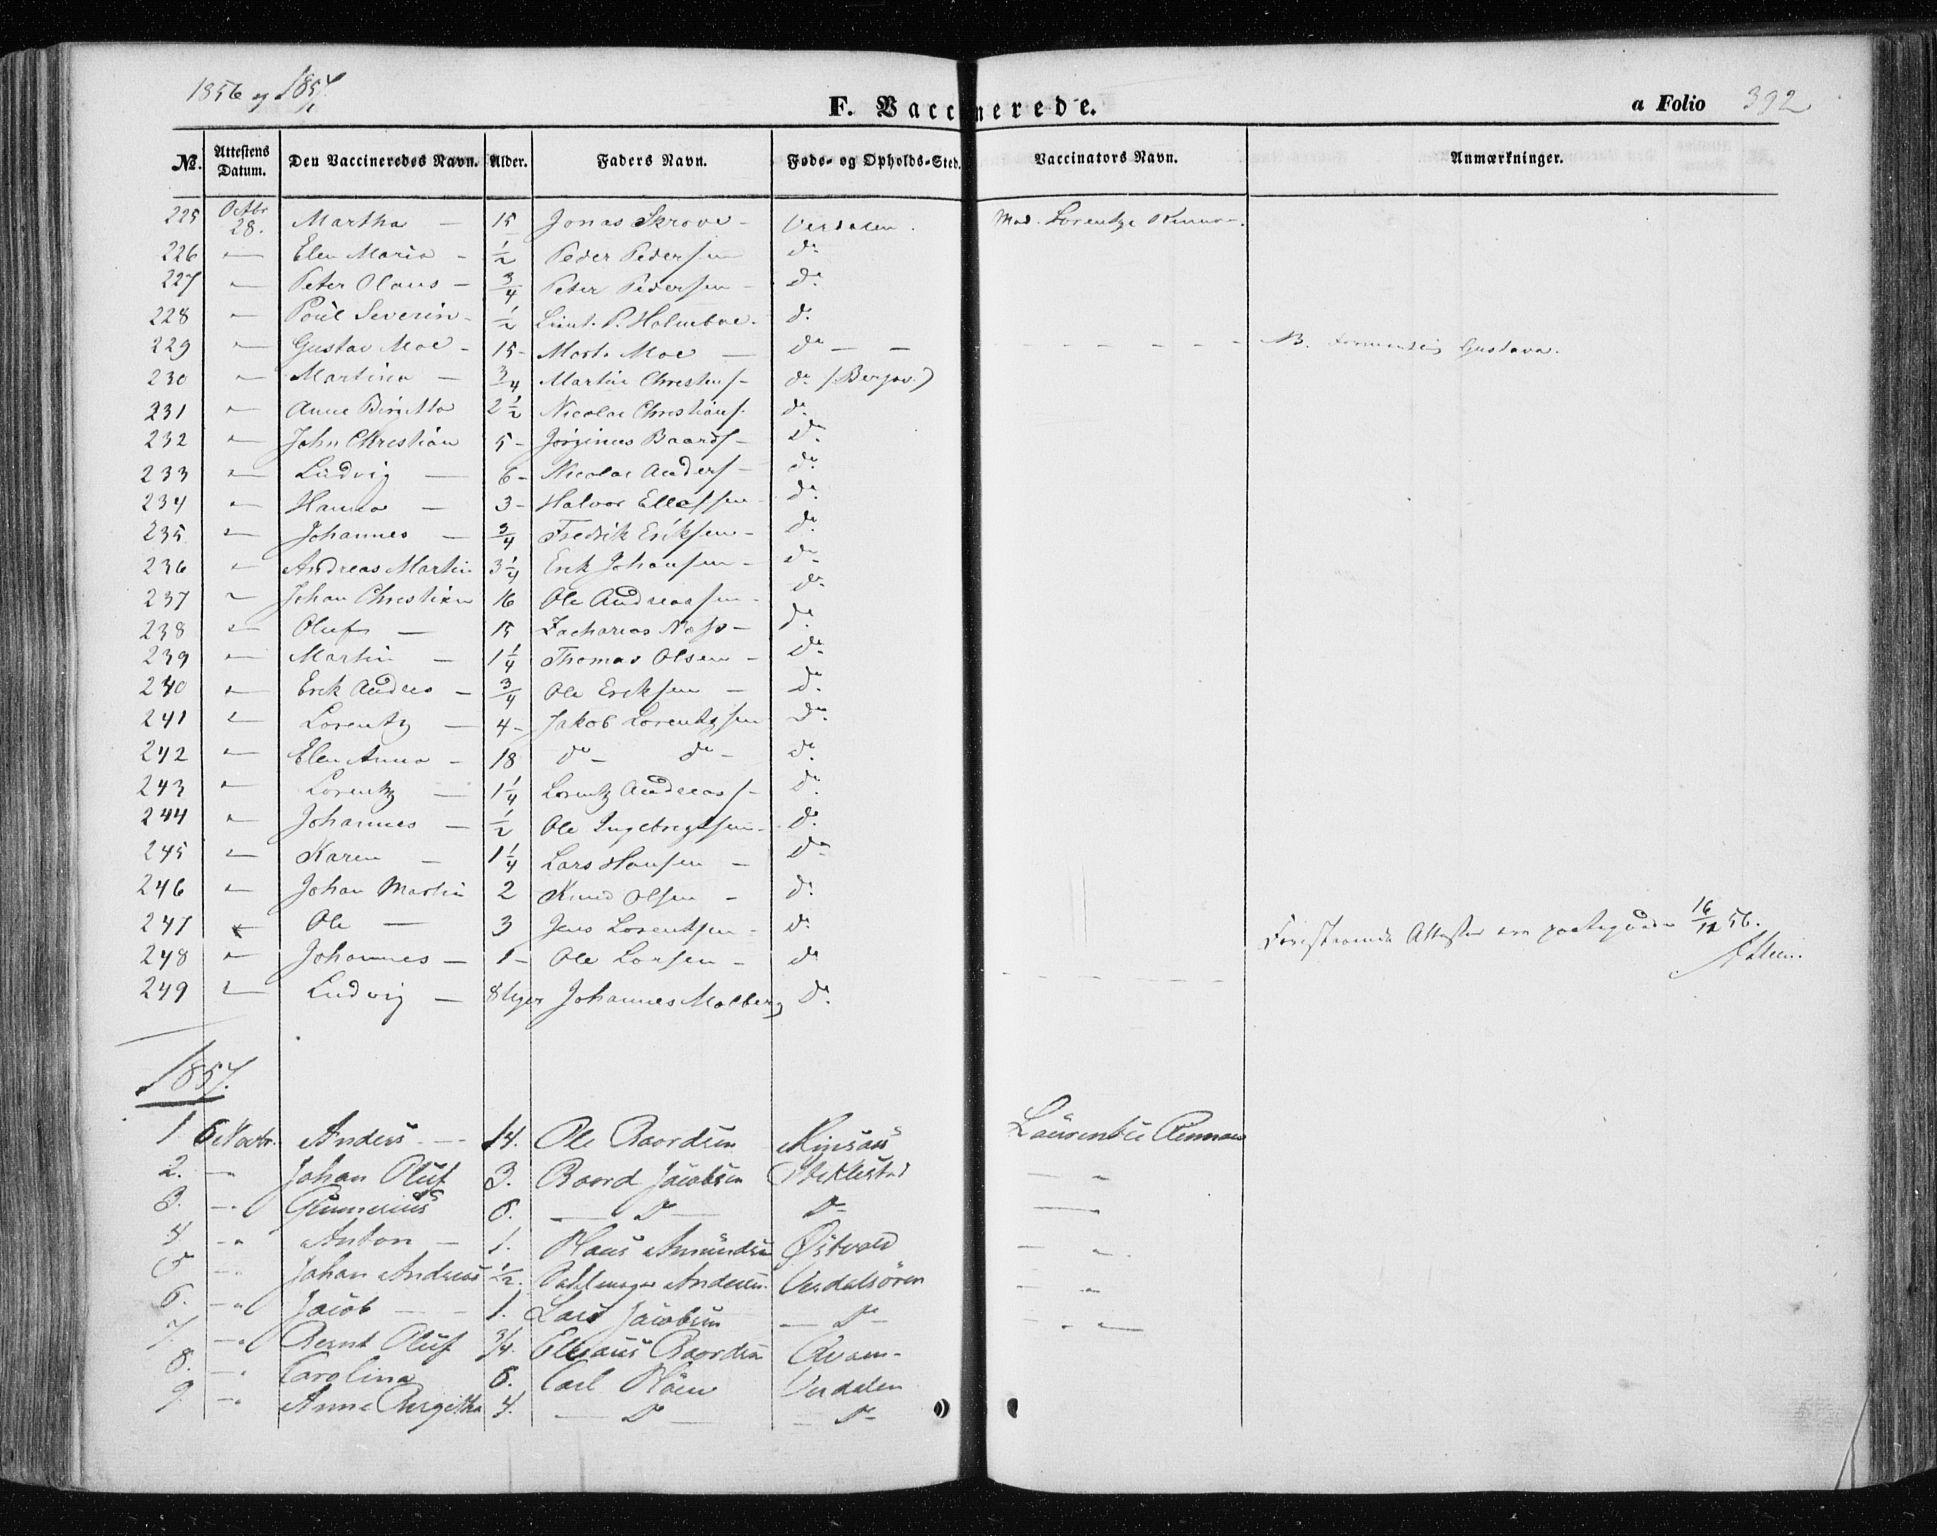 SAT, Ministerialprotokoller, klokkerbøker og fødselsregistre - Nord-Trøndelag, 723/L0240: Ministerialbok nr. 723A09, 1852-1860, s. 392